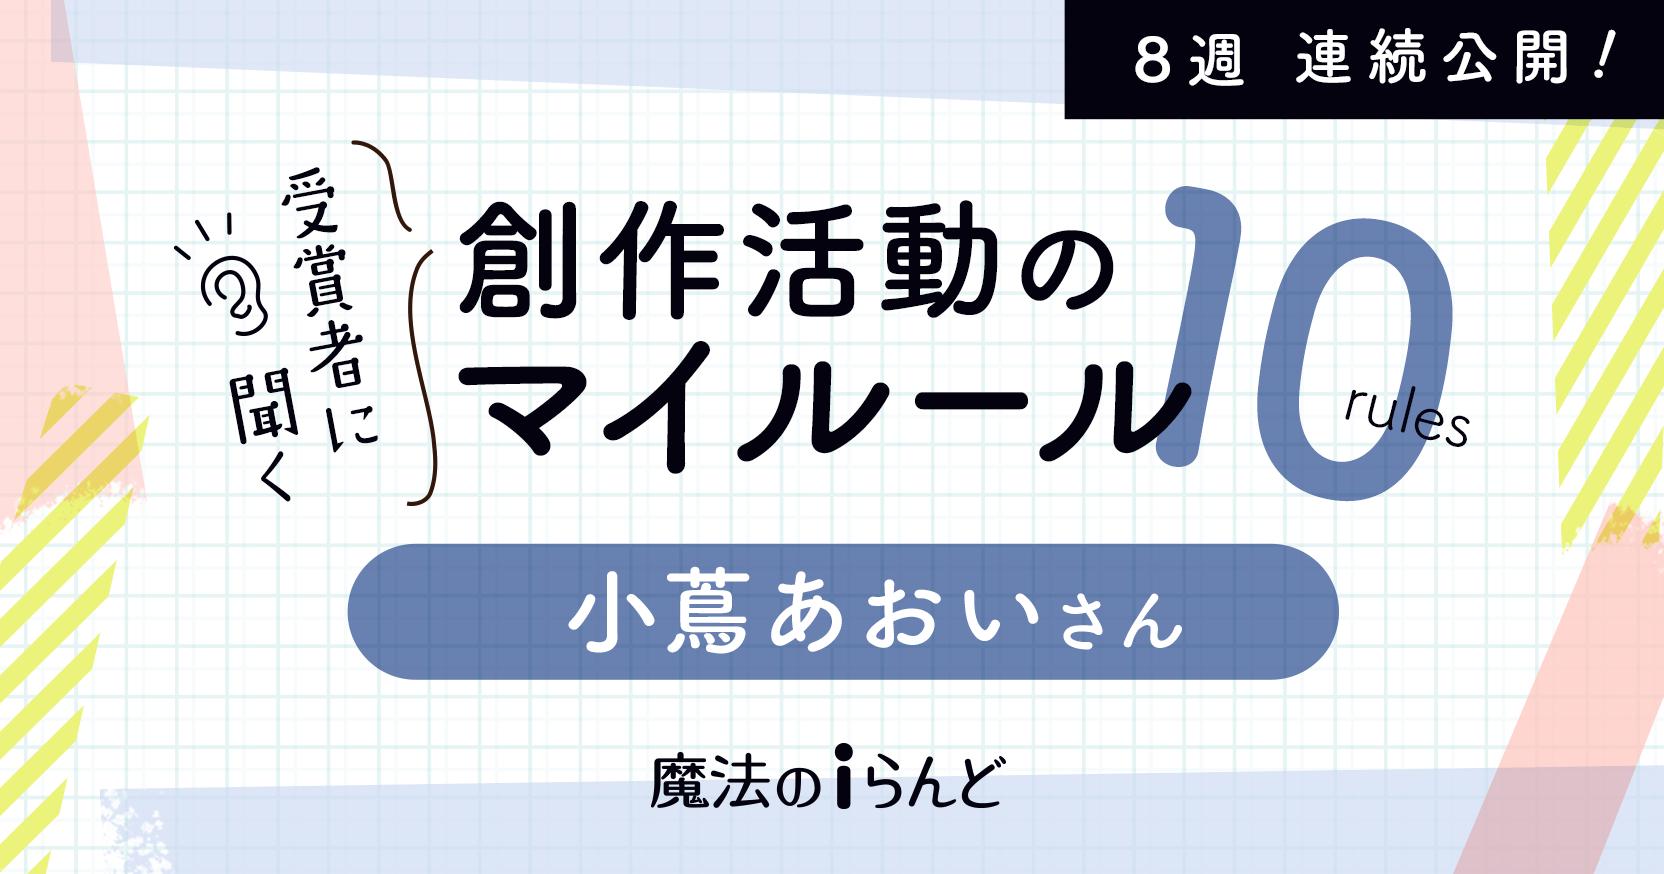 https://storage.googleapis.com/blog-info/entry/2021/08/04-myrule-kozsuta_ogp.png